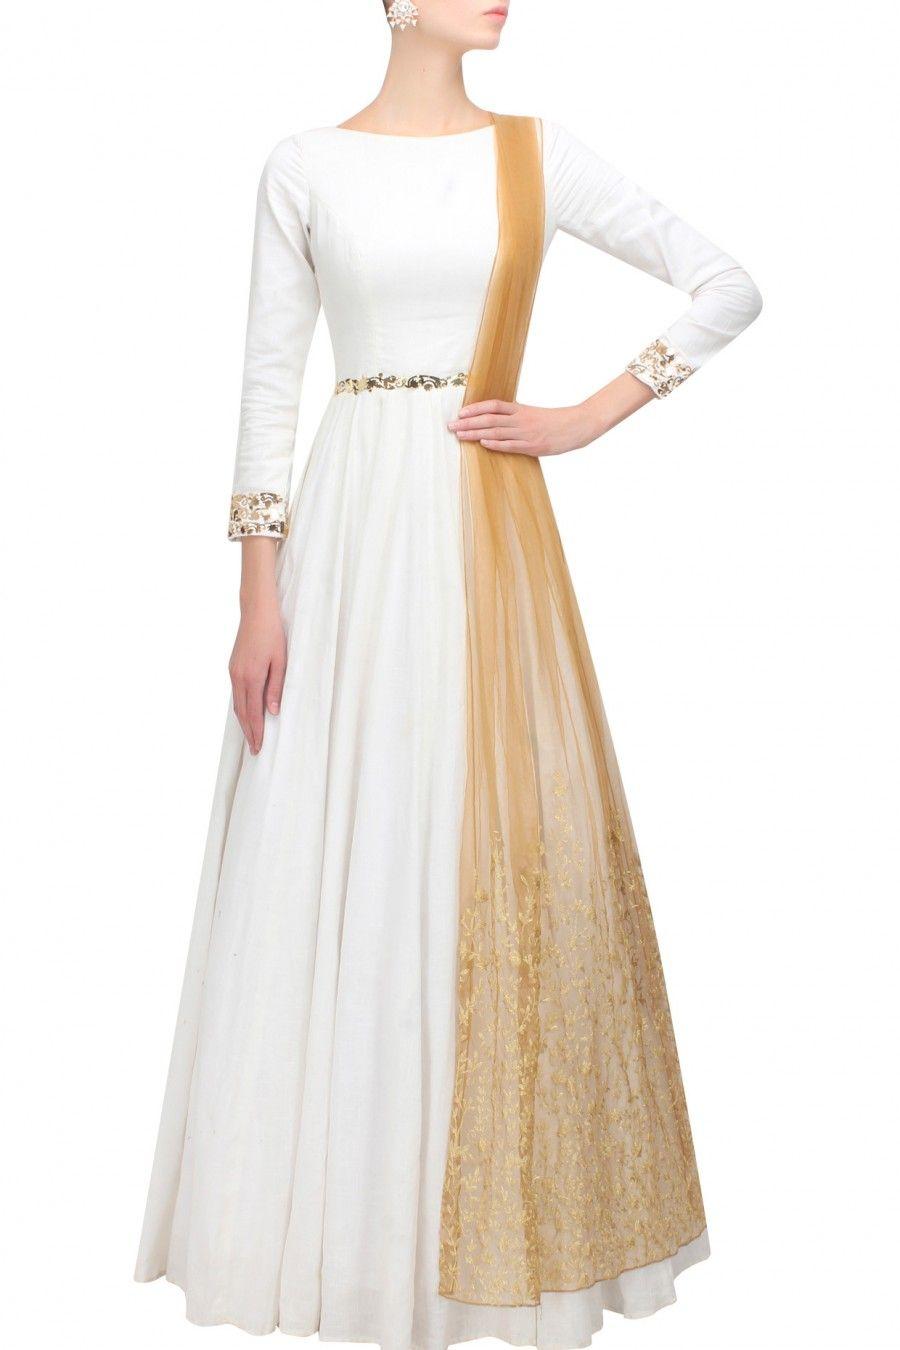 Nikhil Thampi white and gold applique'd anarkali set